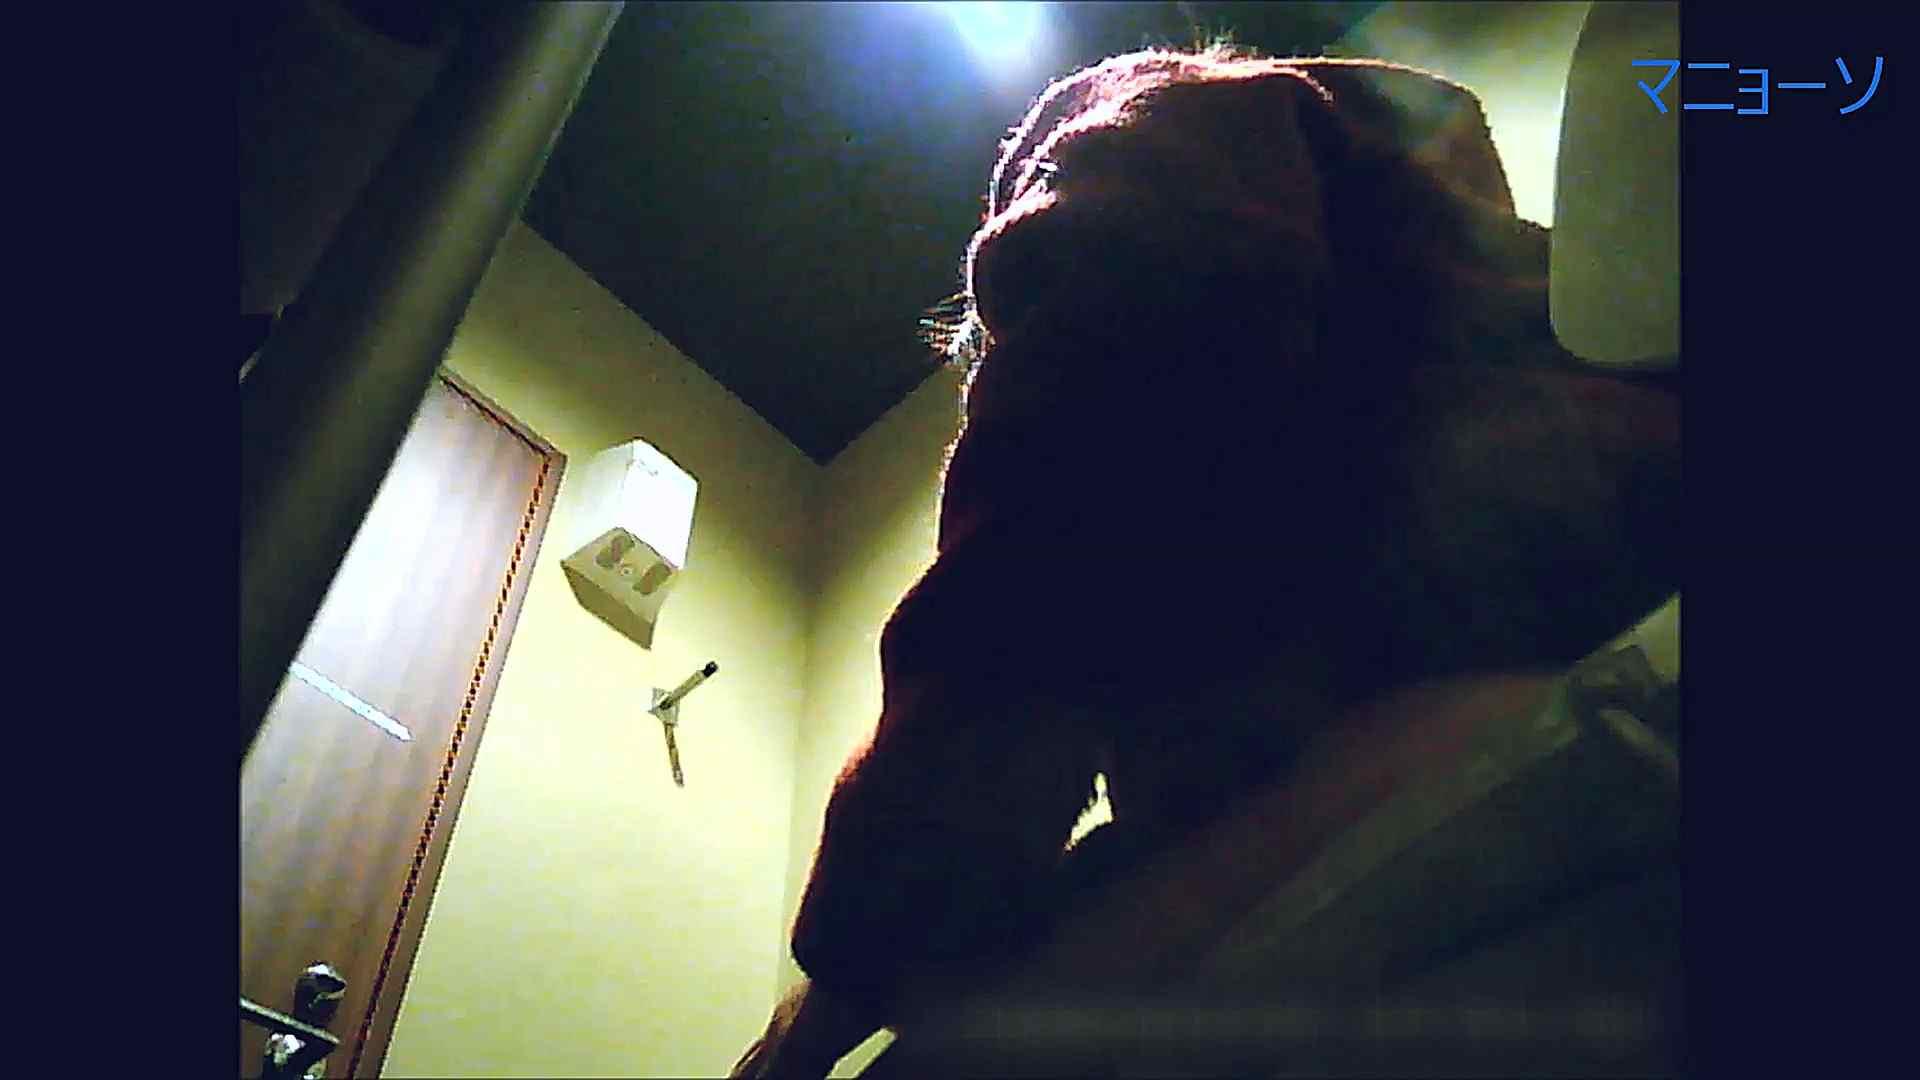 トイレでひと肌脱いでもらいました (JD編)Vol.07 トイレ中 | OL  36連発 12